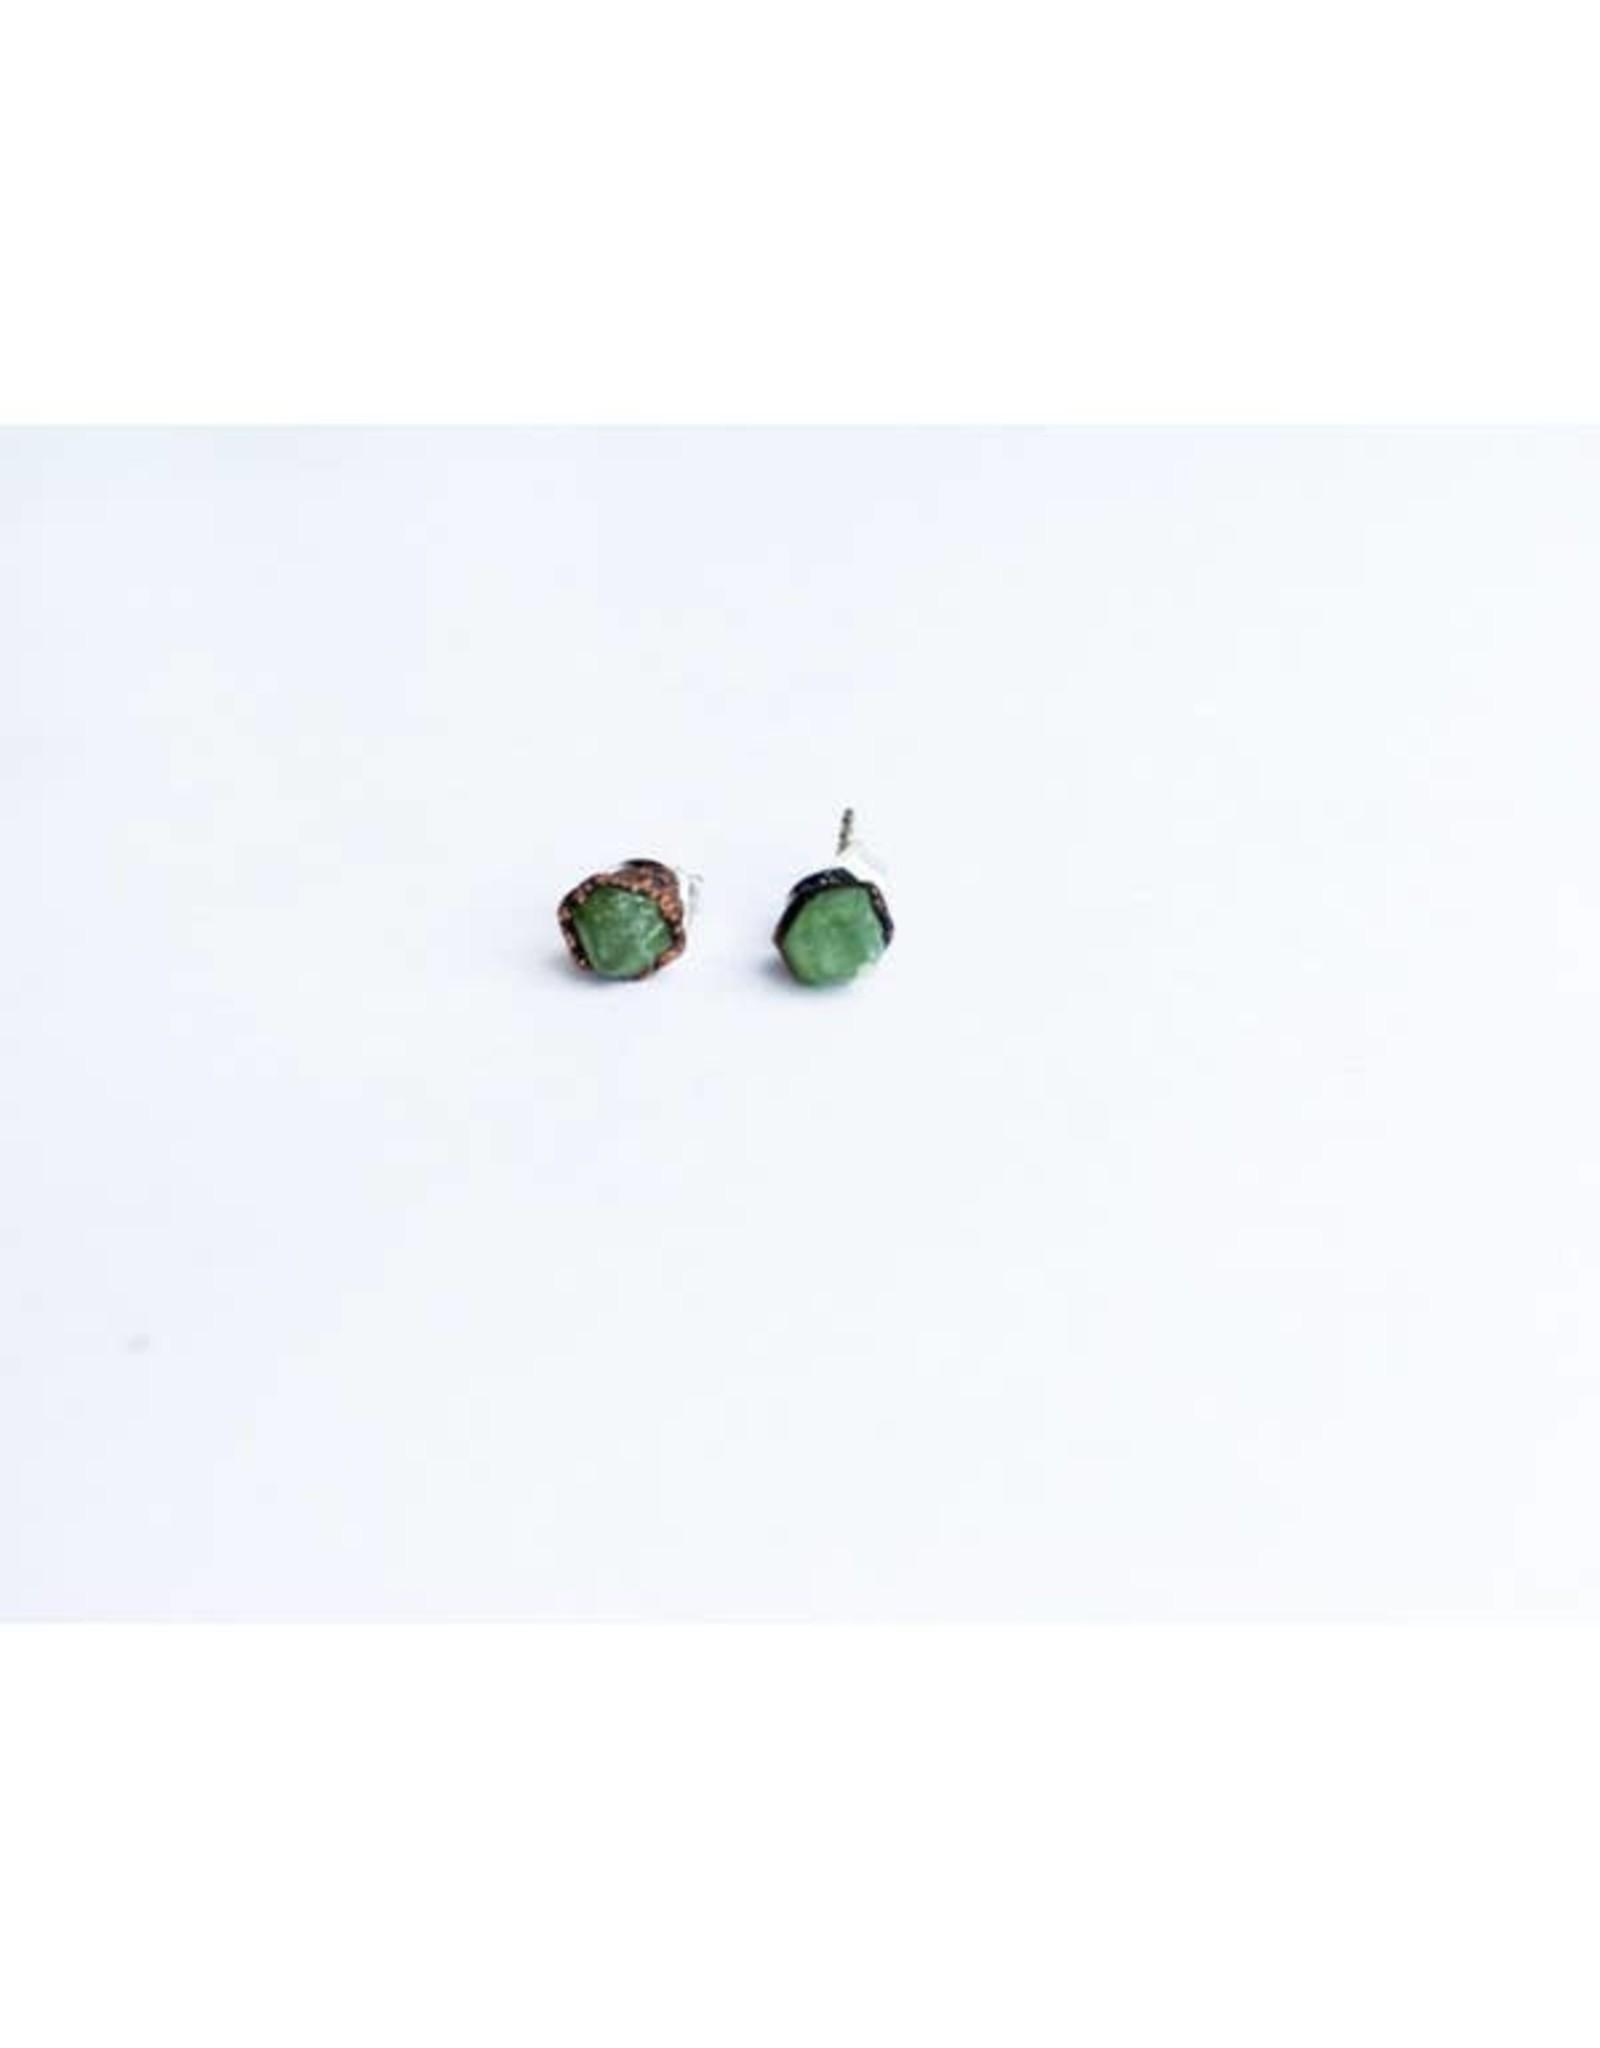 Hawkhouse Green Garnet Stud Earrings